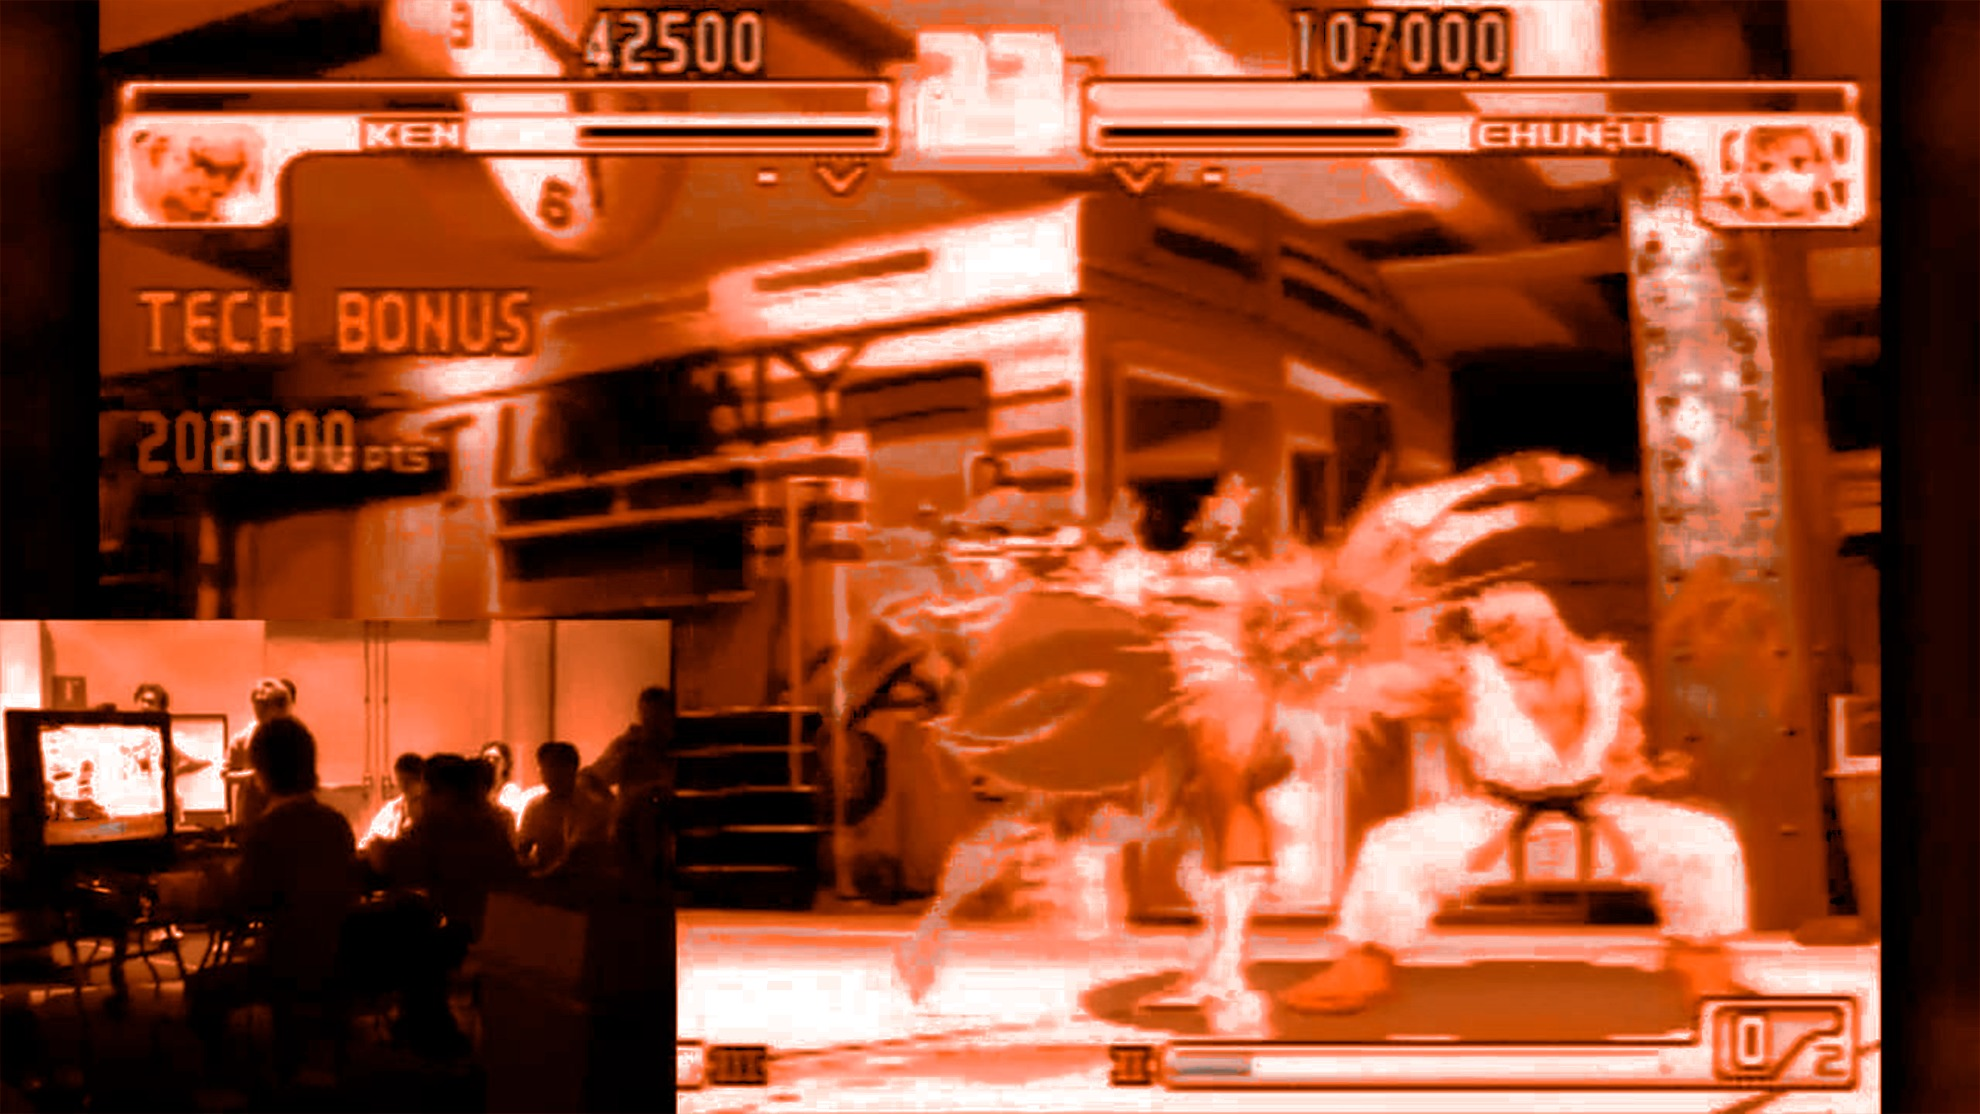 Aparecen nuevas imágenes de la pelea de Street Fighter más icónica de la historia